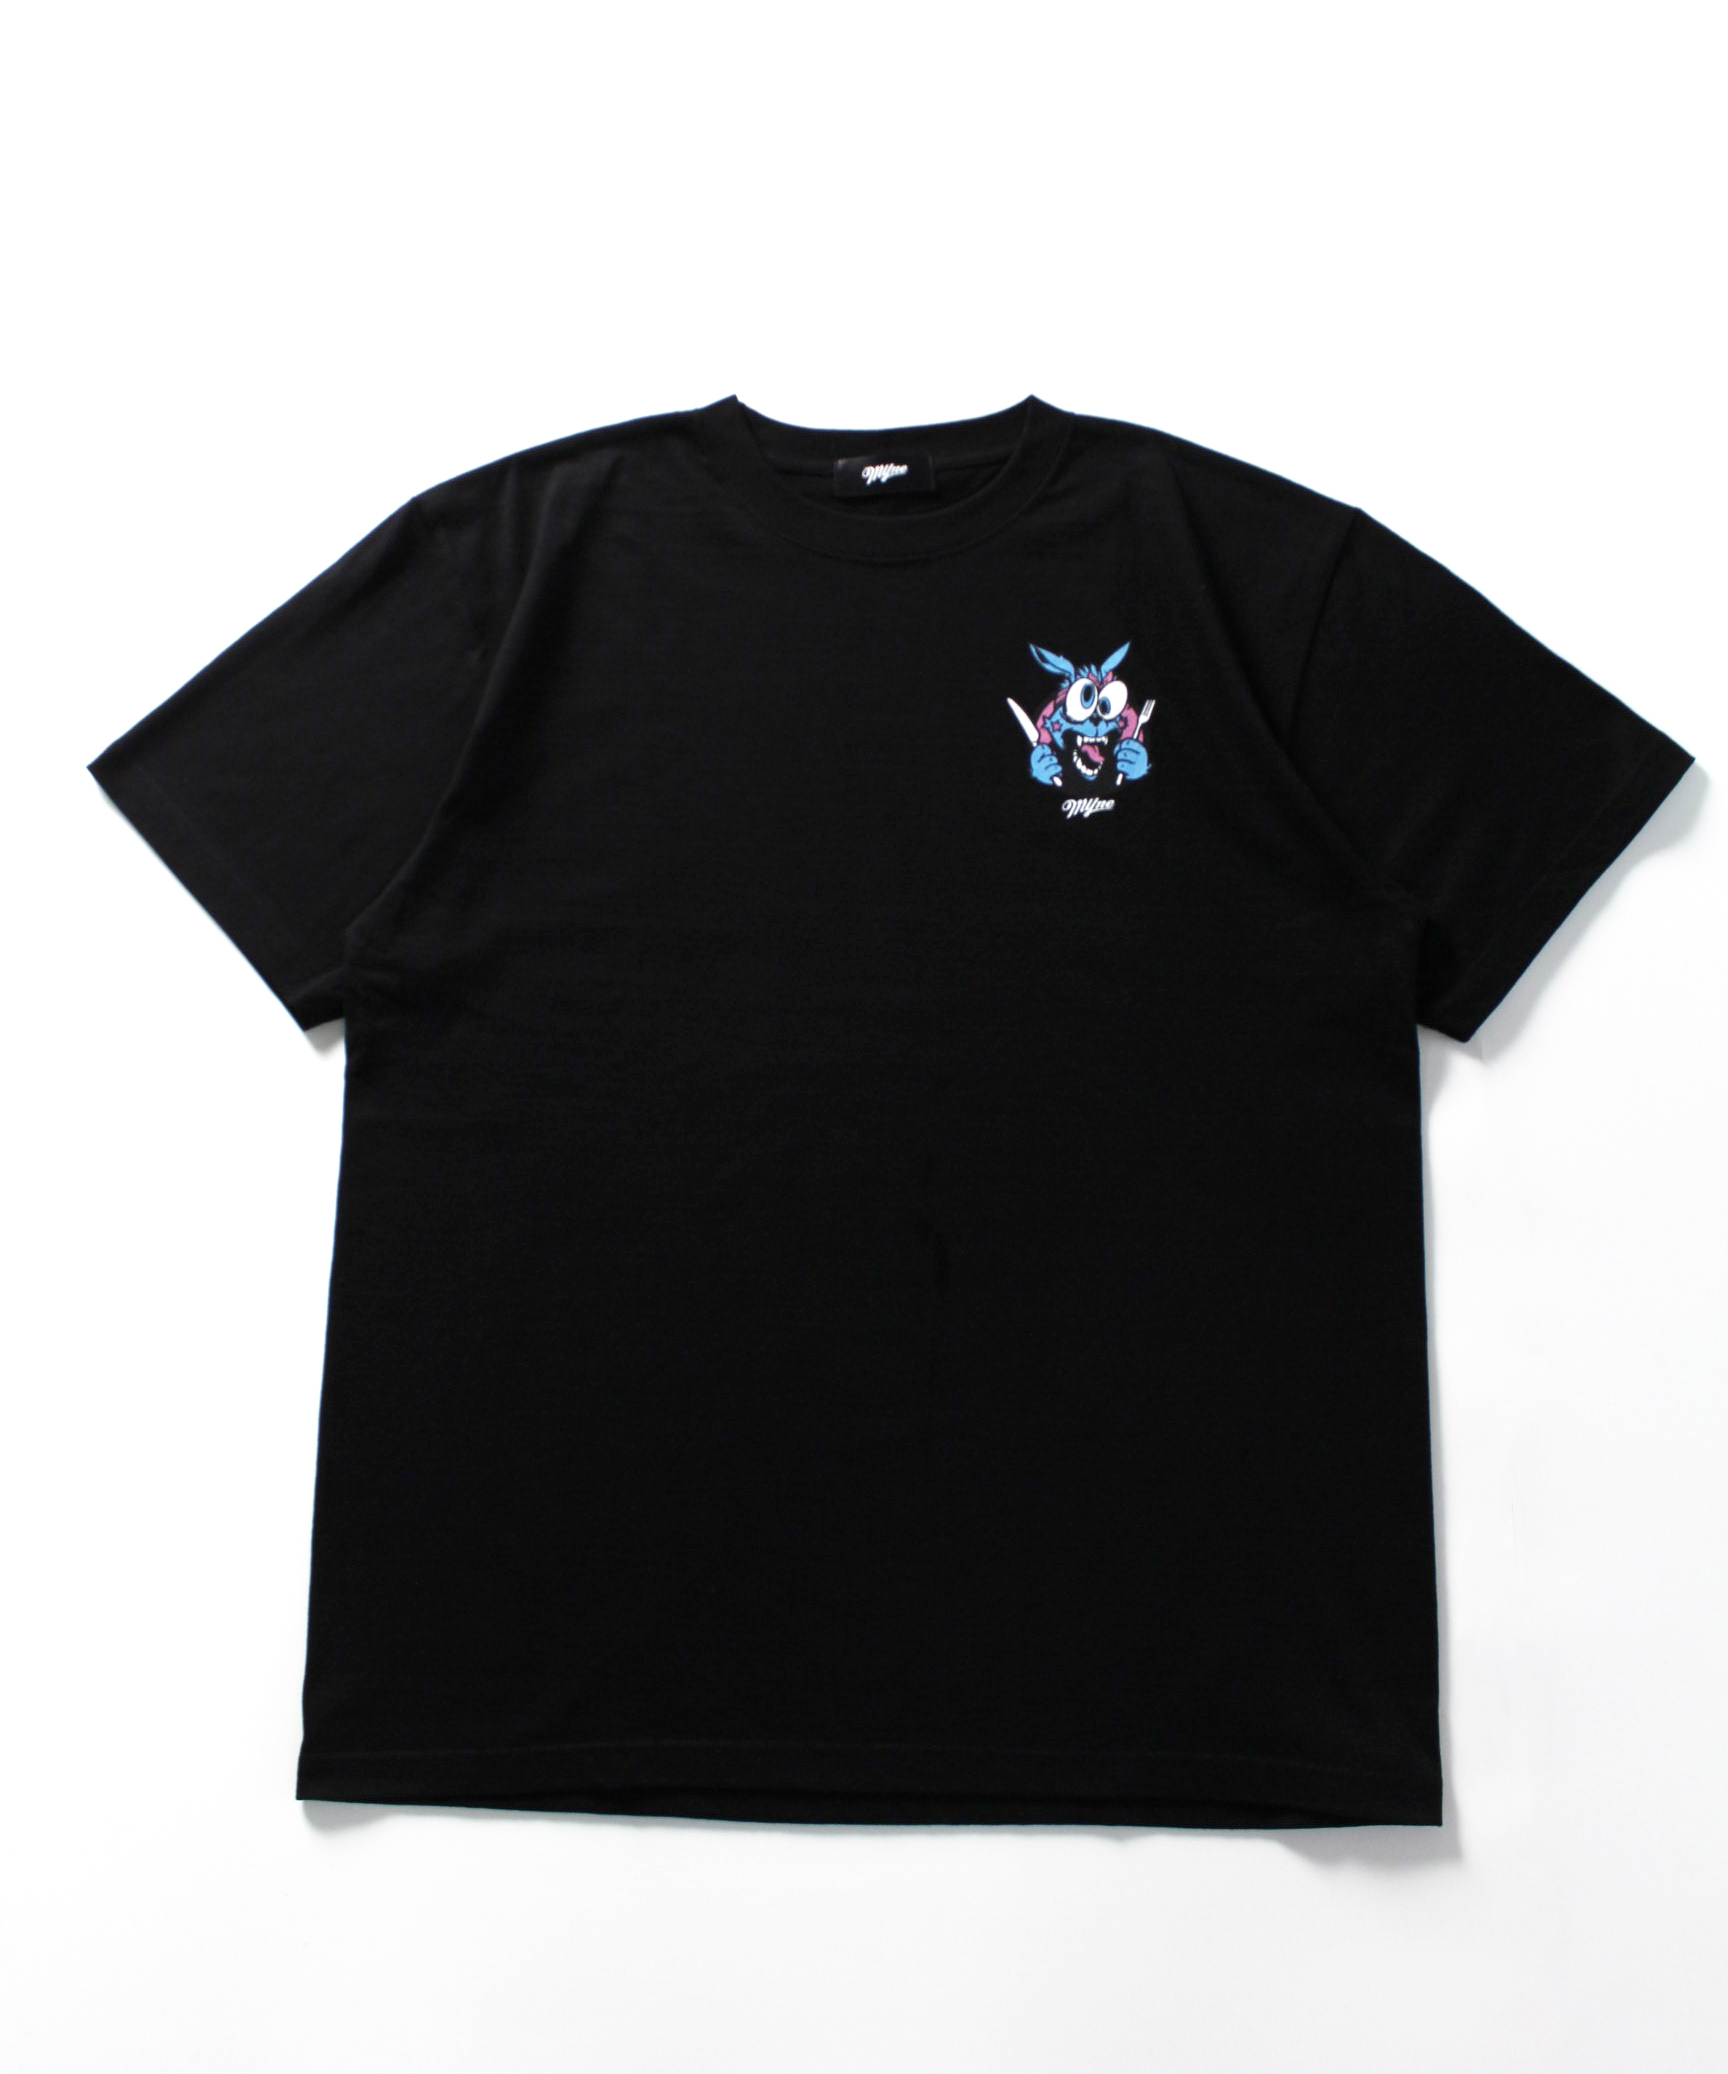 MYne CODEX 別注T-shirt / BLACK - 画像1